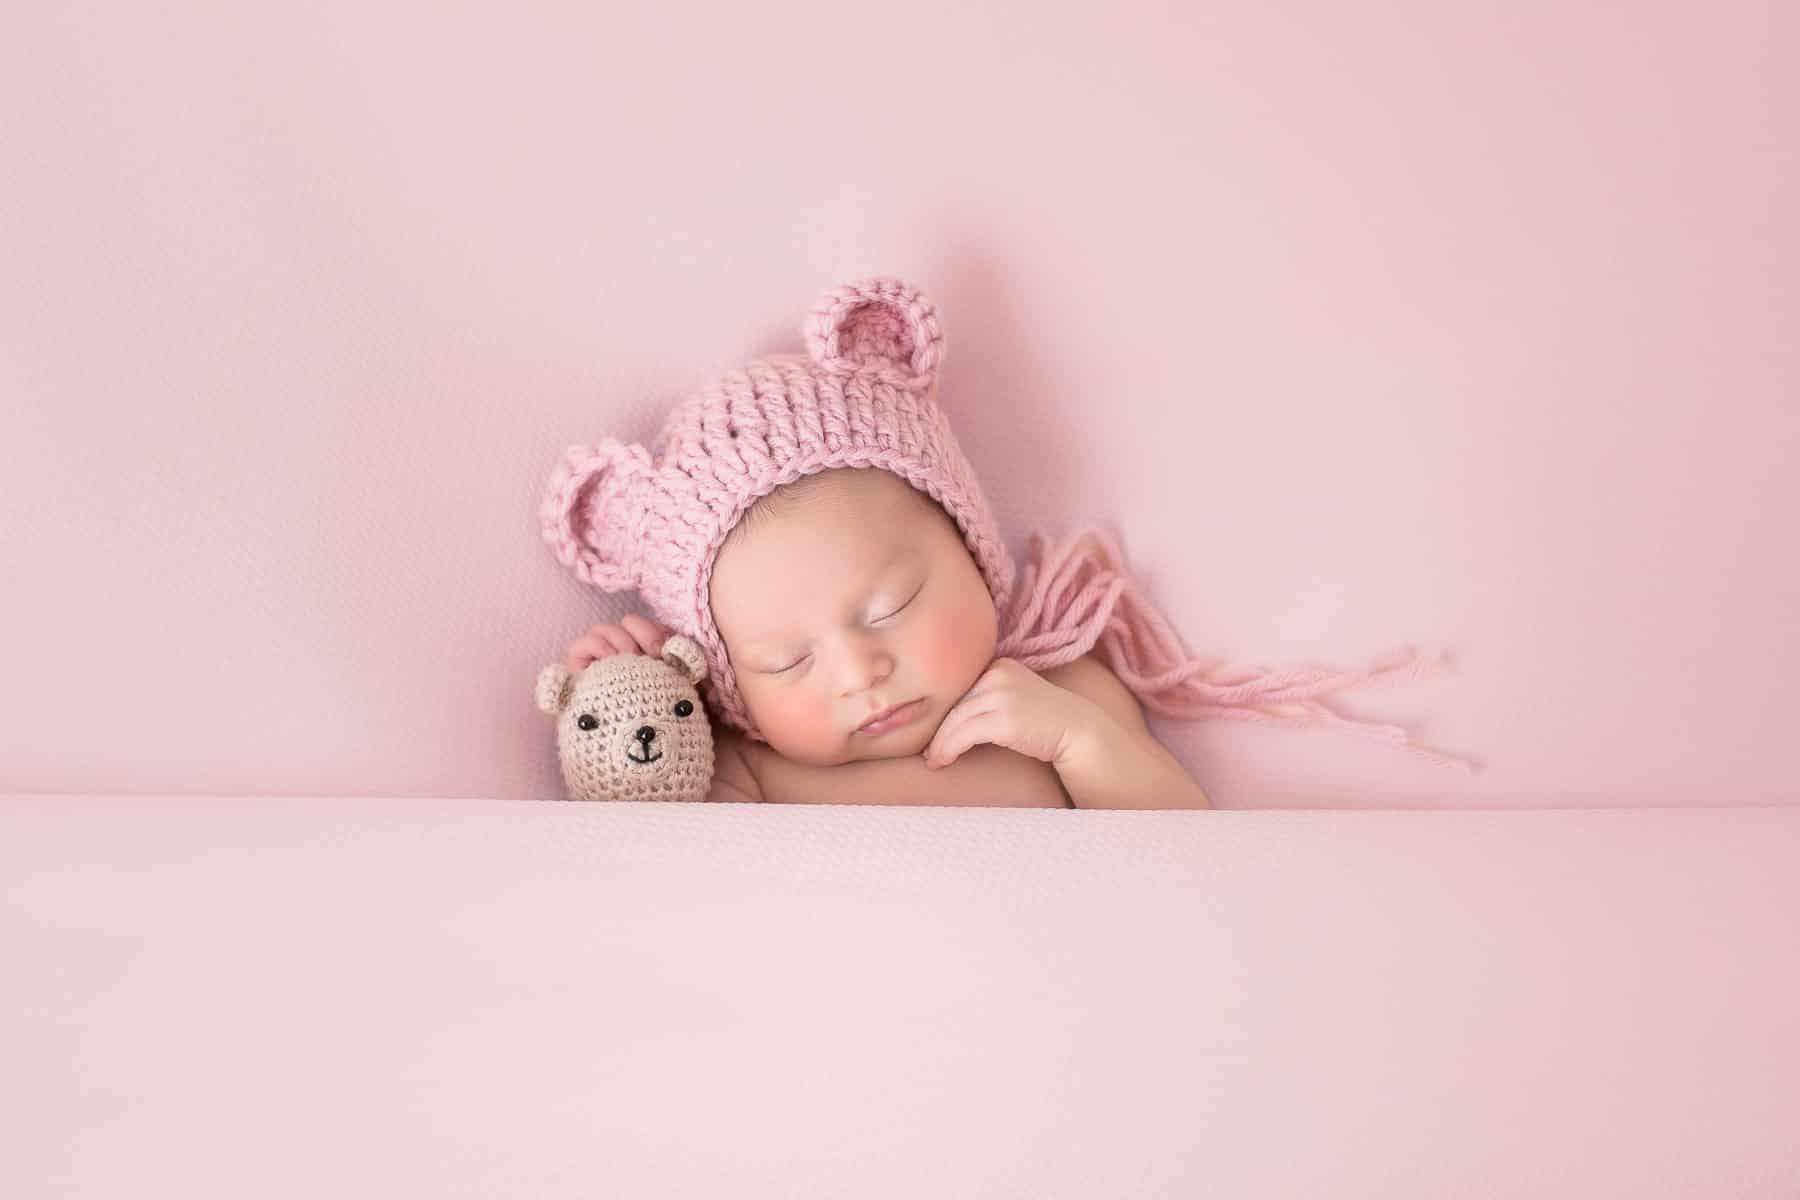 KRISTINA RECHE Petit Monde WORKSHOP FOTOGRAFOA NEWBORN 30 - Maternity Workshop